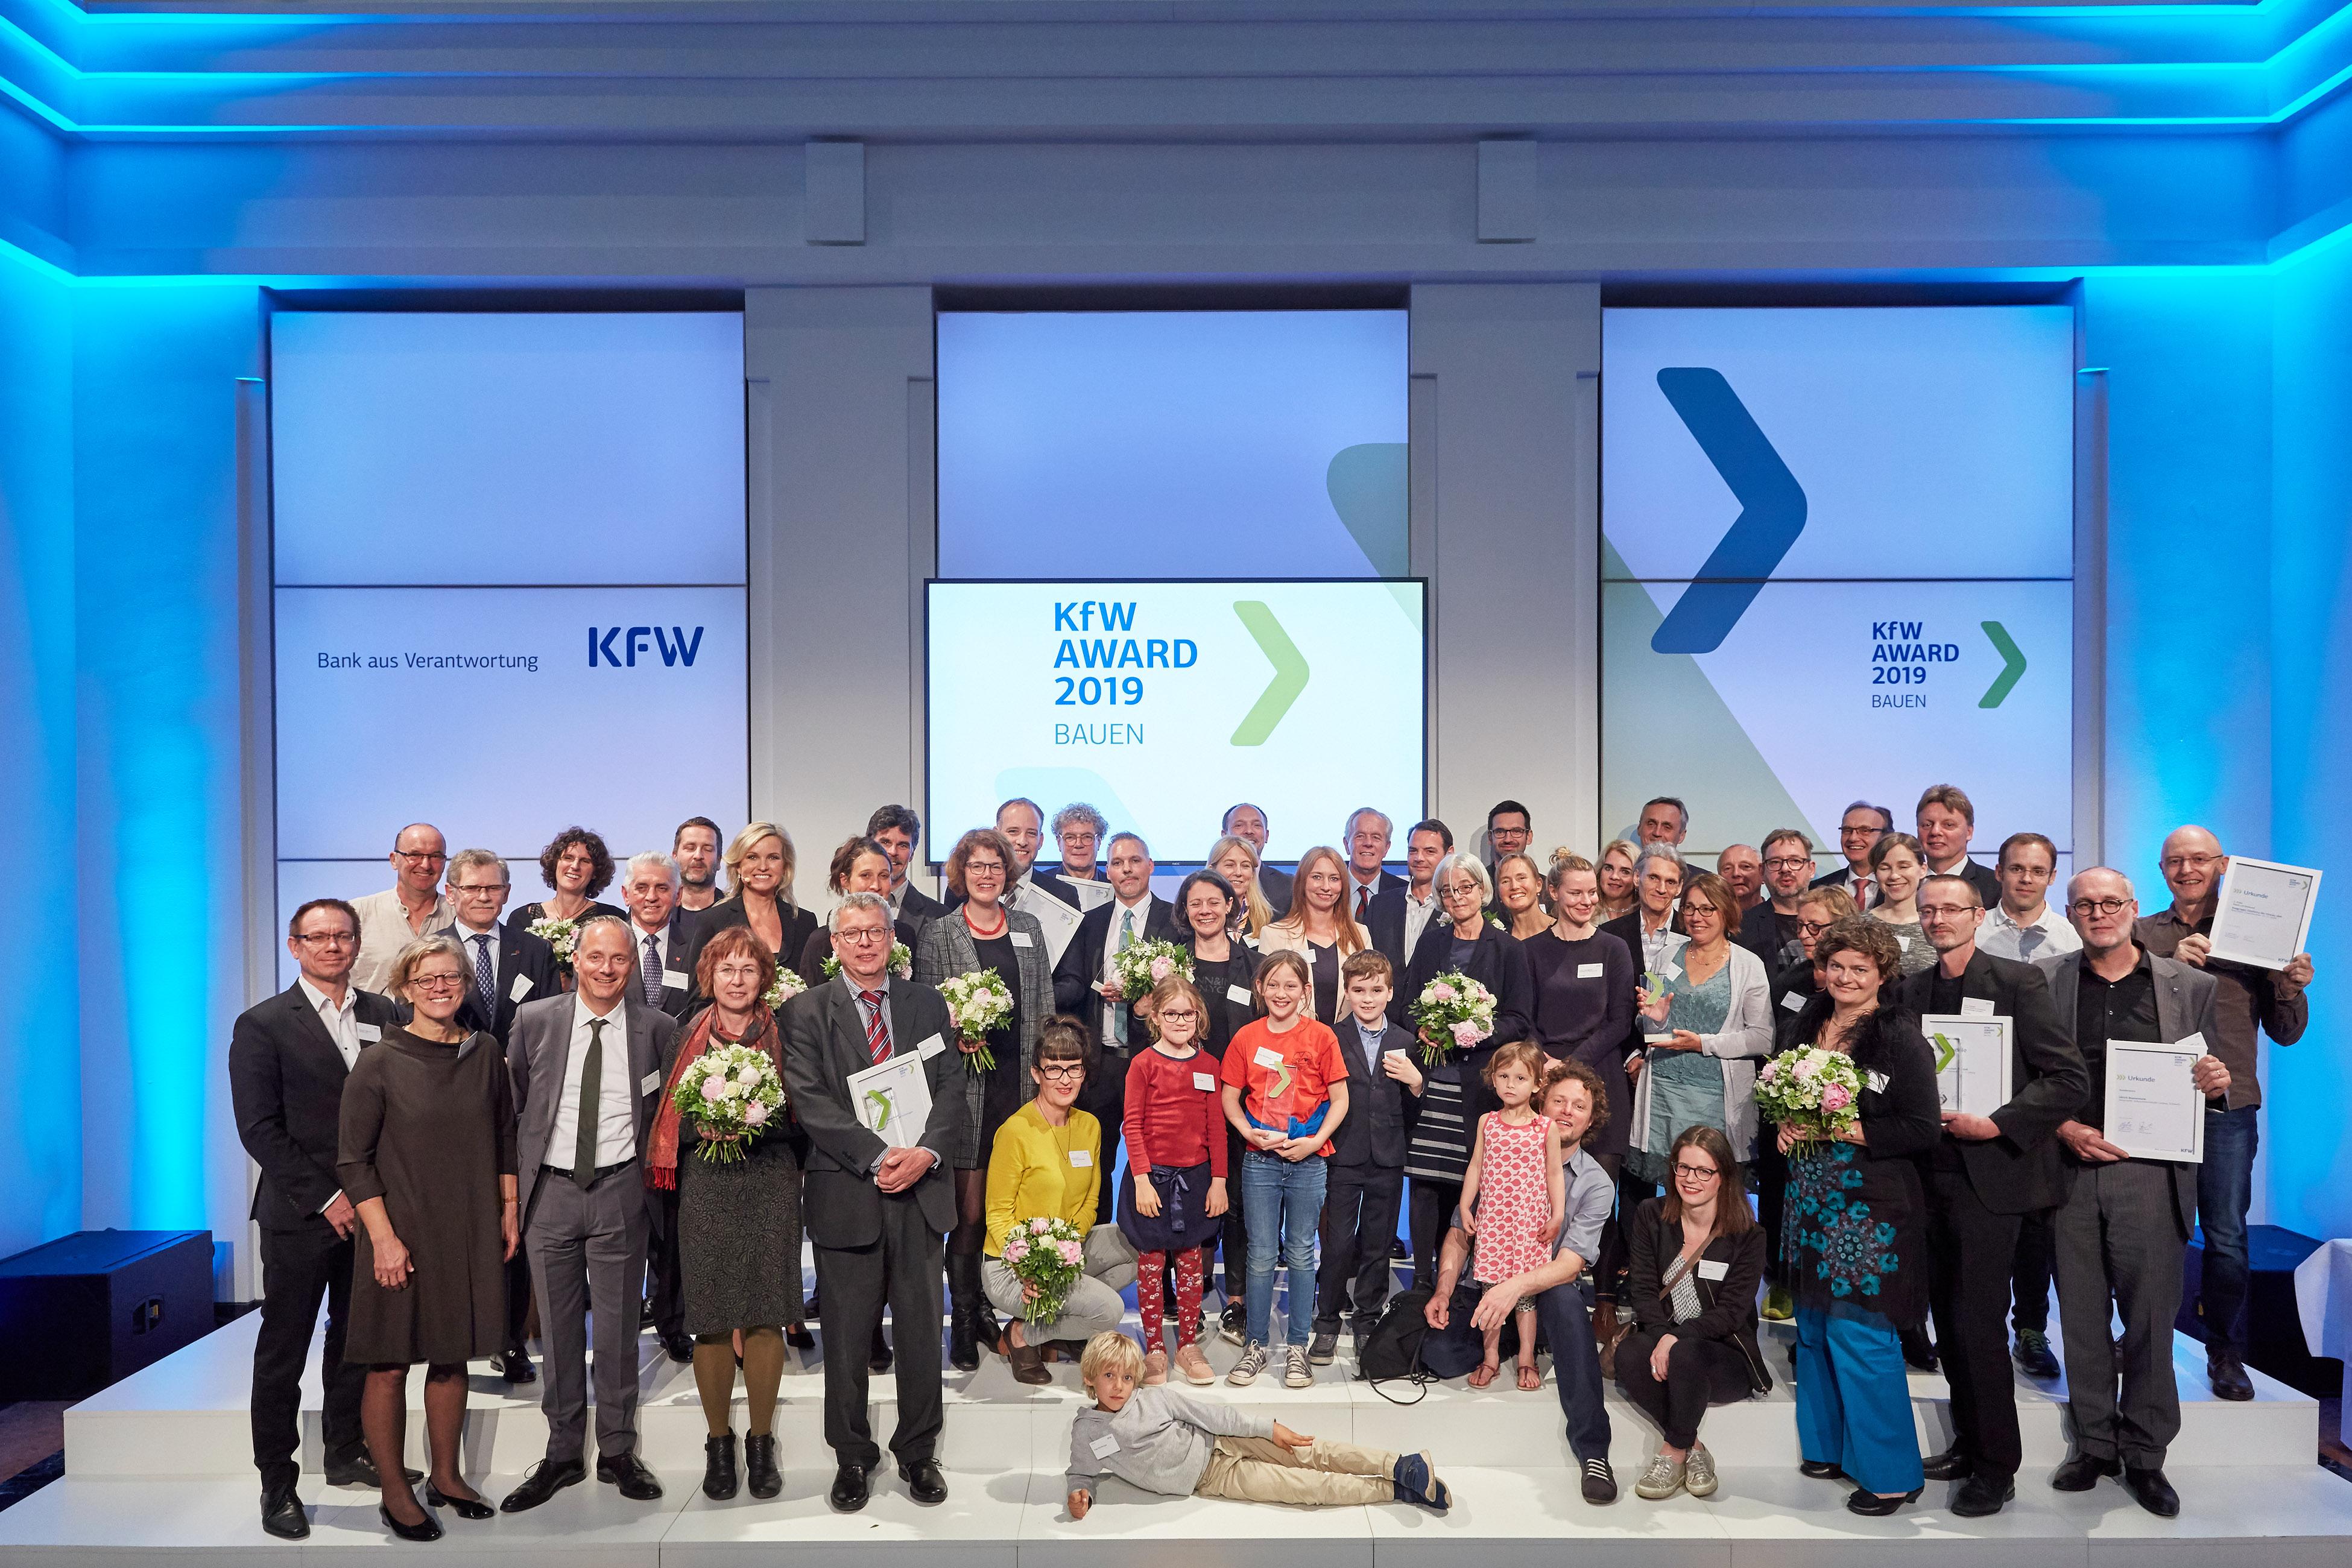 Kfw Award Bauen